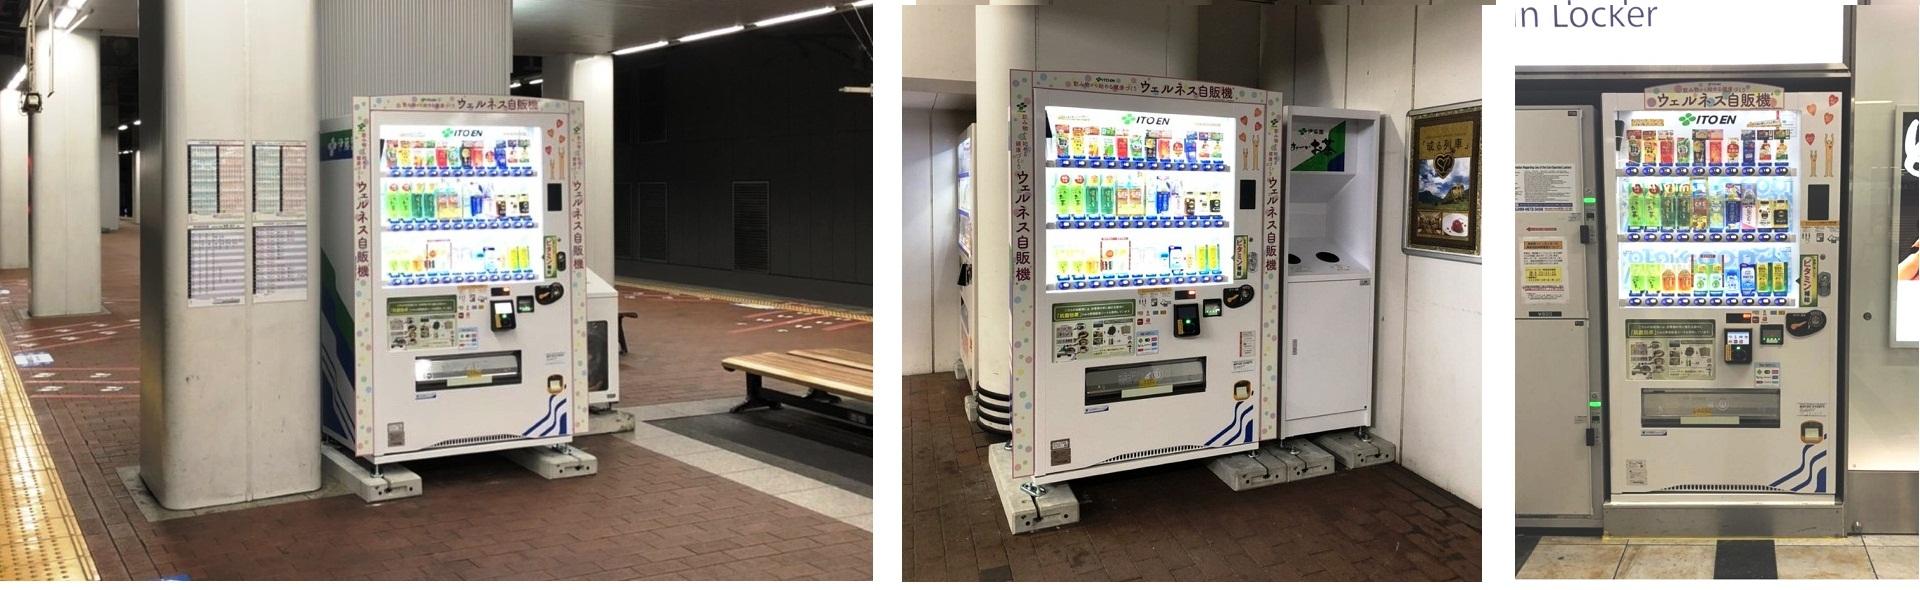 ウィズコロナ対応の「ウェルネス自販機」 伊藤園とJR九州がコラボし乗客の健康…